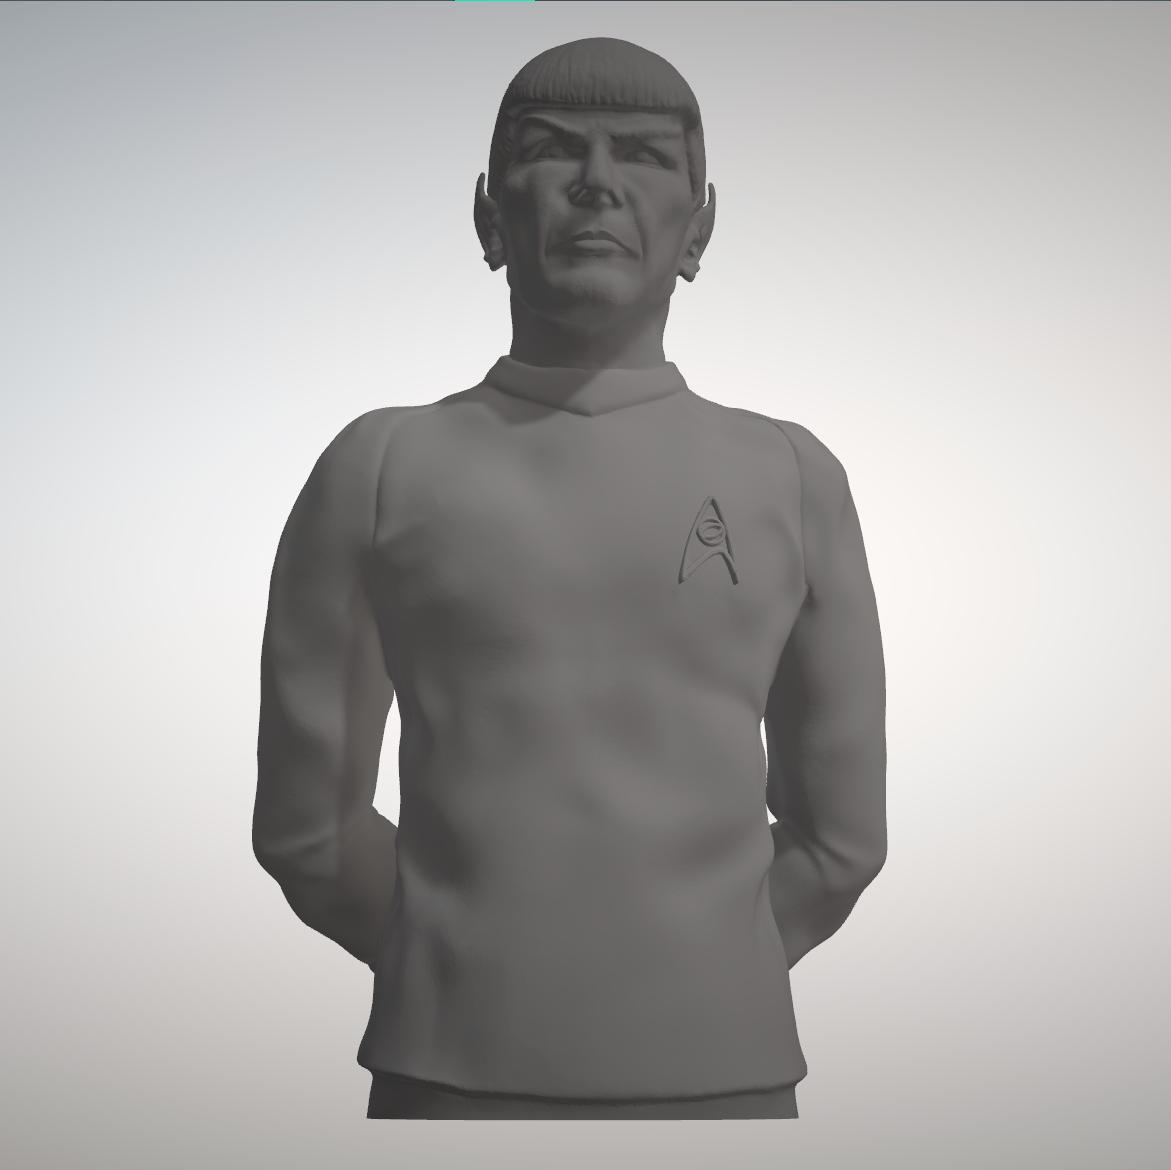 Sandpiper_Spock_Full1.png Download STL file Star Trek Mr. Spock figurine and bust UPDATED • 3D printable object, sandpiper